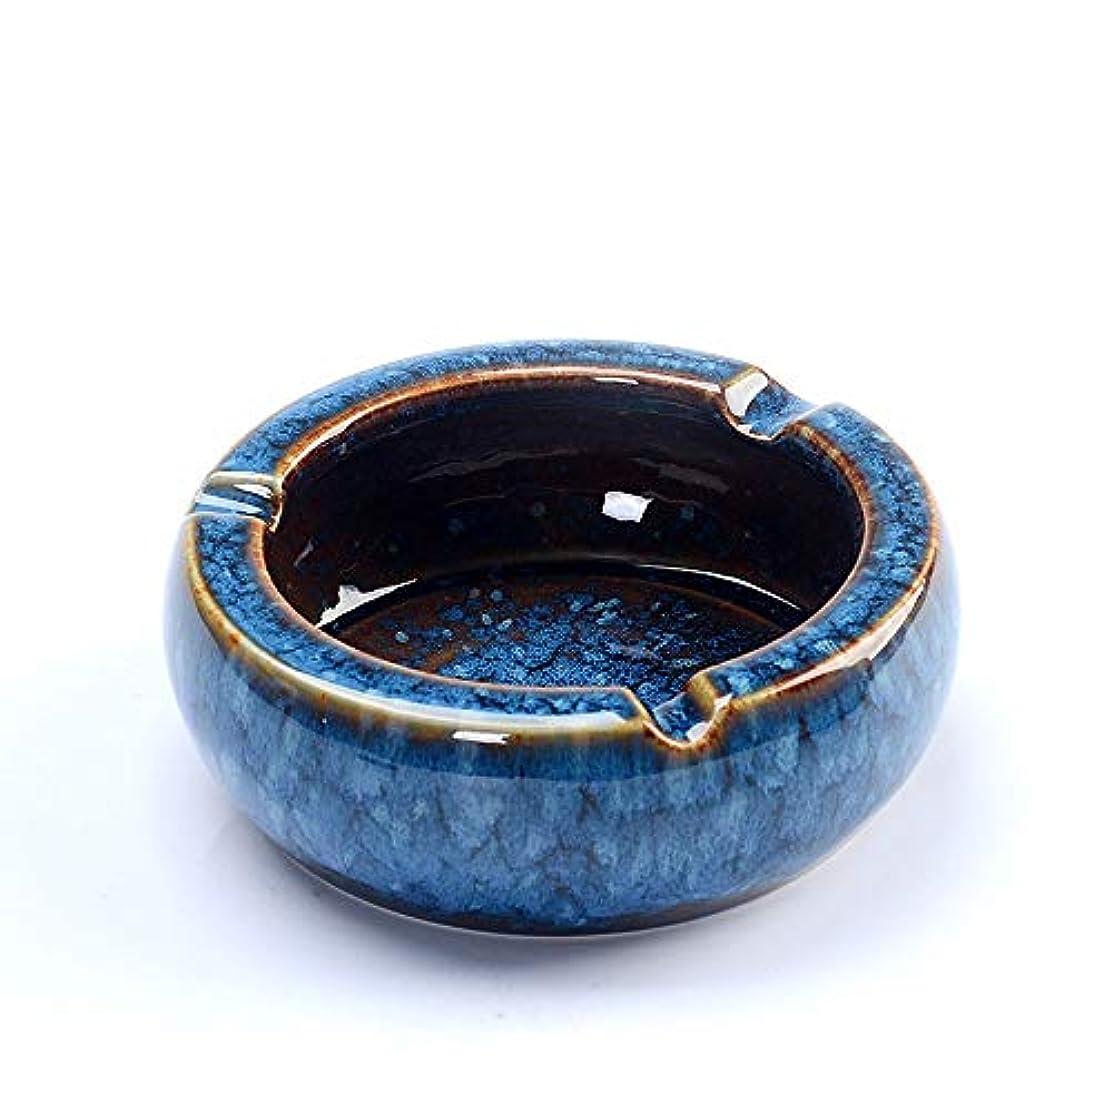 傾斜ホップ可能タバコ、ギフトおよび総本店の装飾のための灰皿円形の光沢のあるセラミック灰皿 (色 : 青)